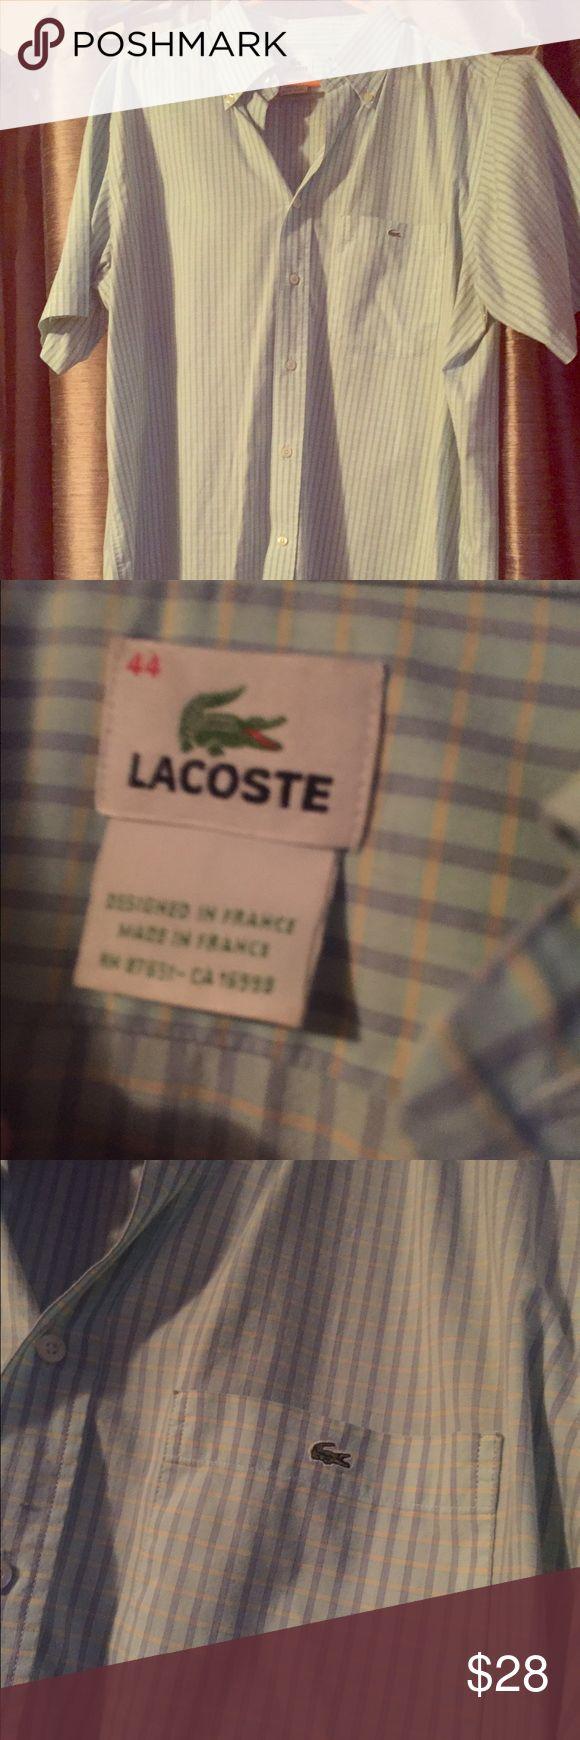 Mens Lacoste dress shirt. Short sleeve Dress shirt worn twice. Lacoste Shirts Dress Shirts